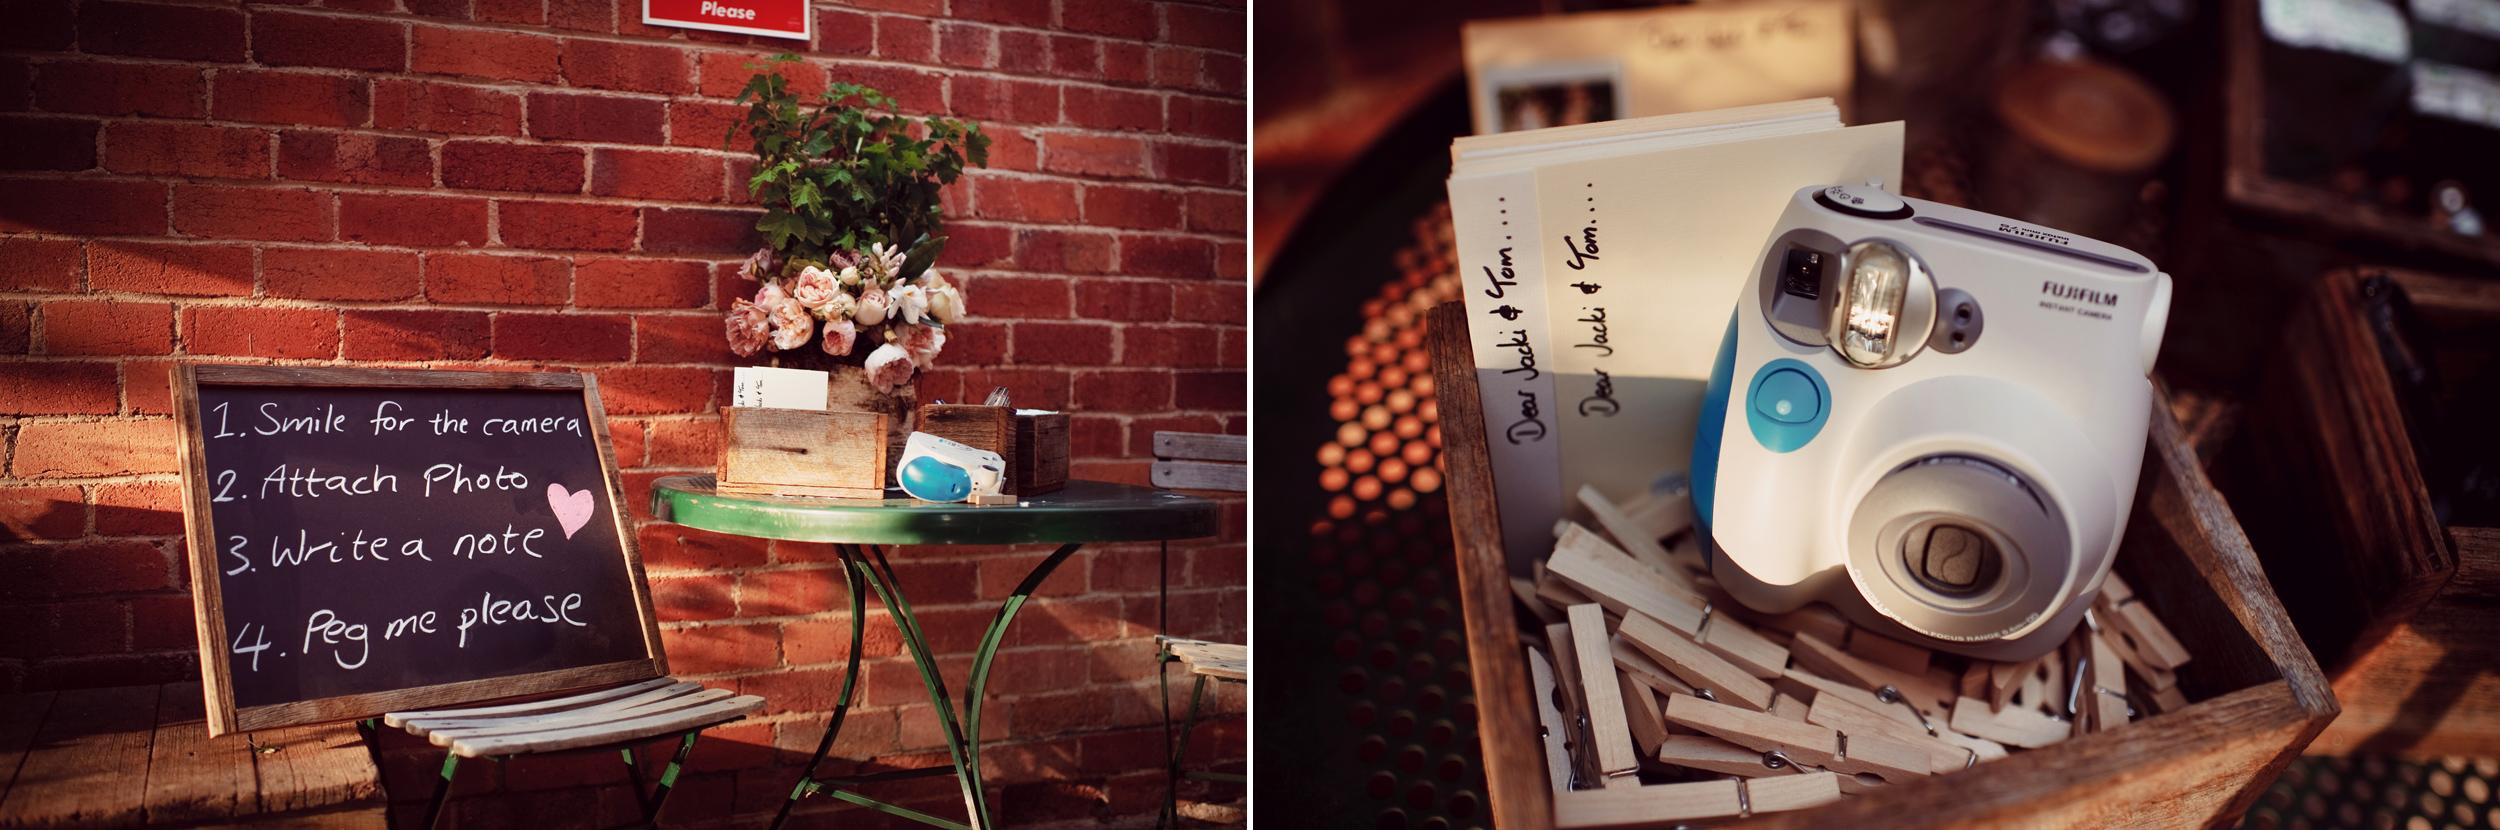 euroa_butter_factory_wedding_photography_82.jpg